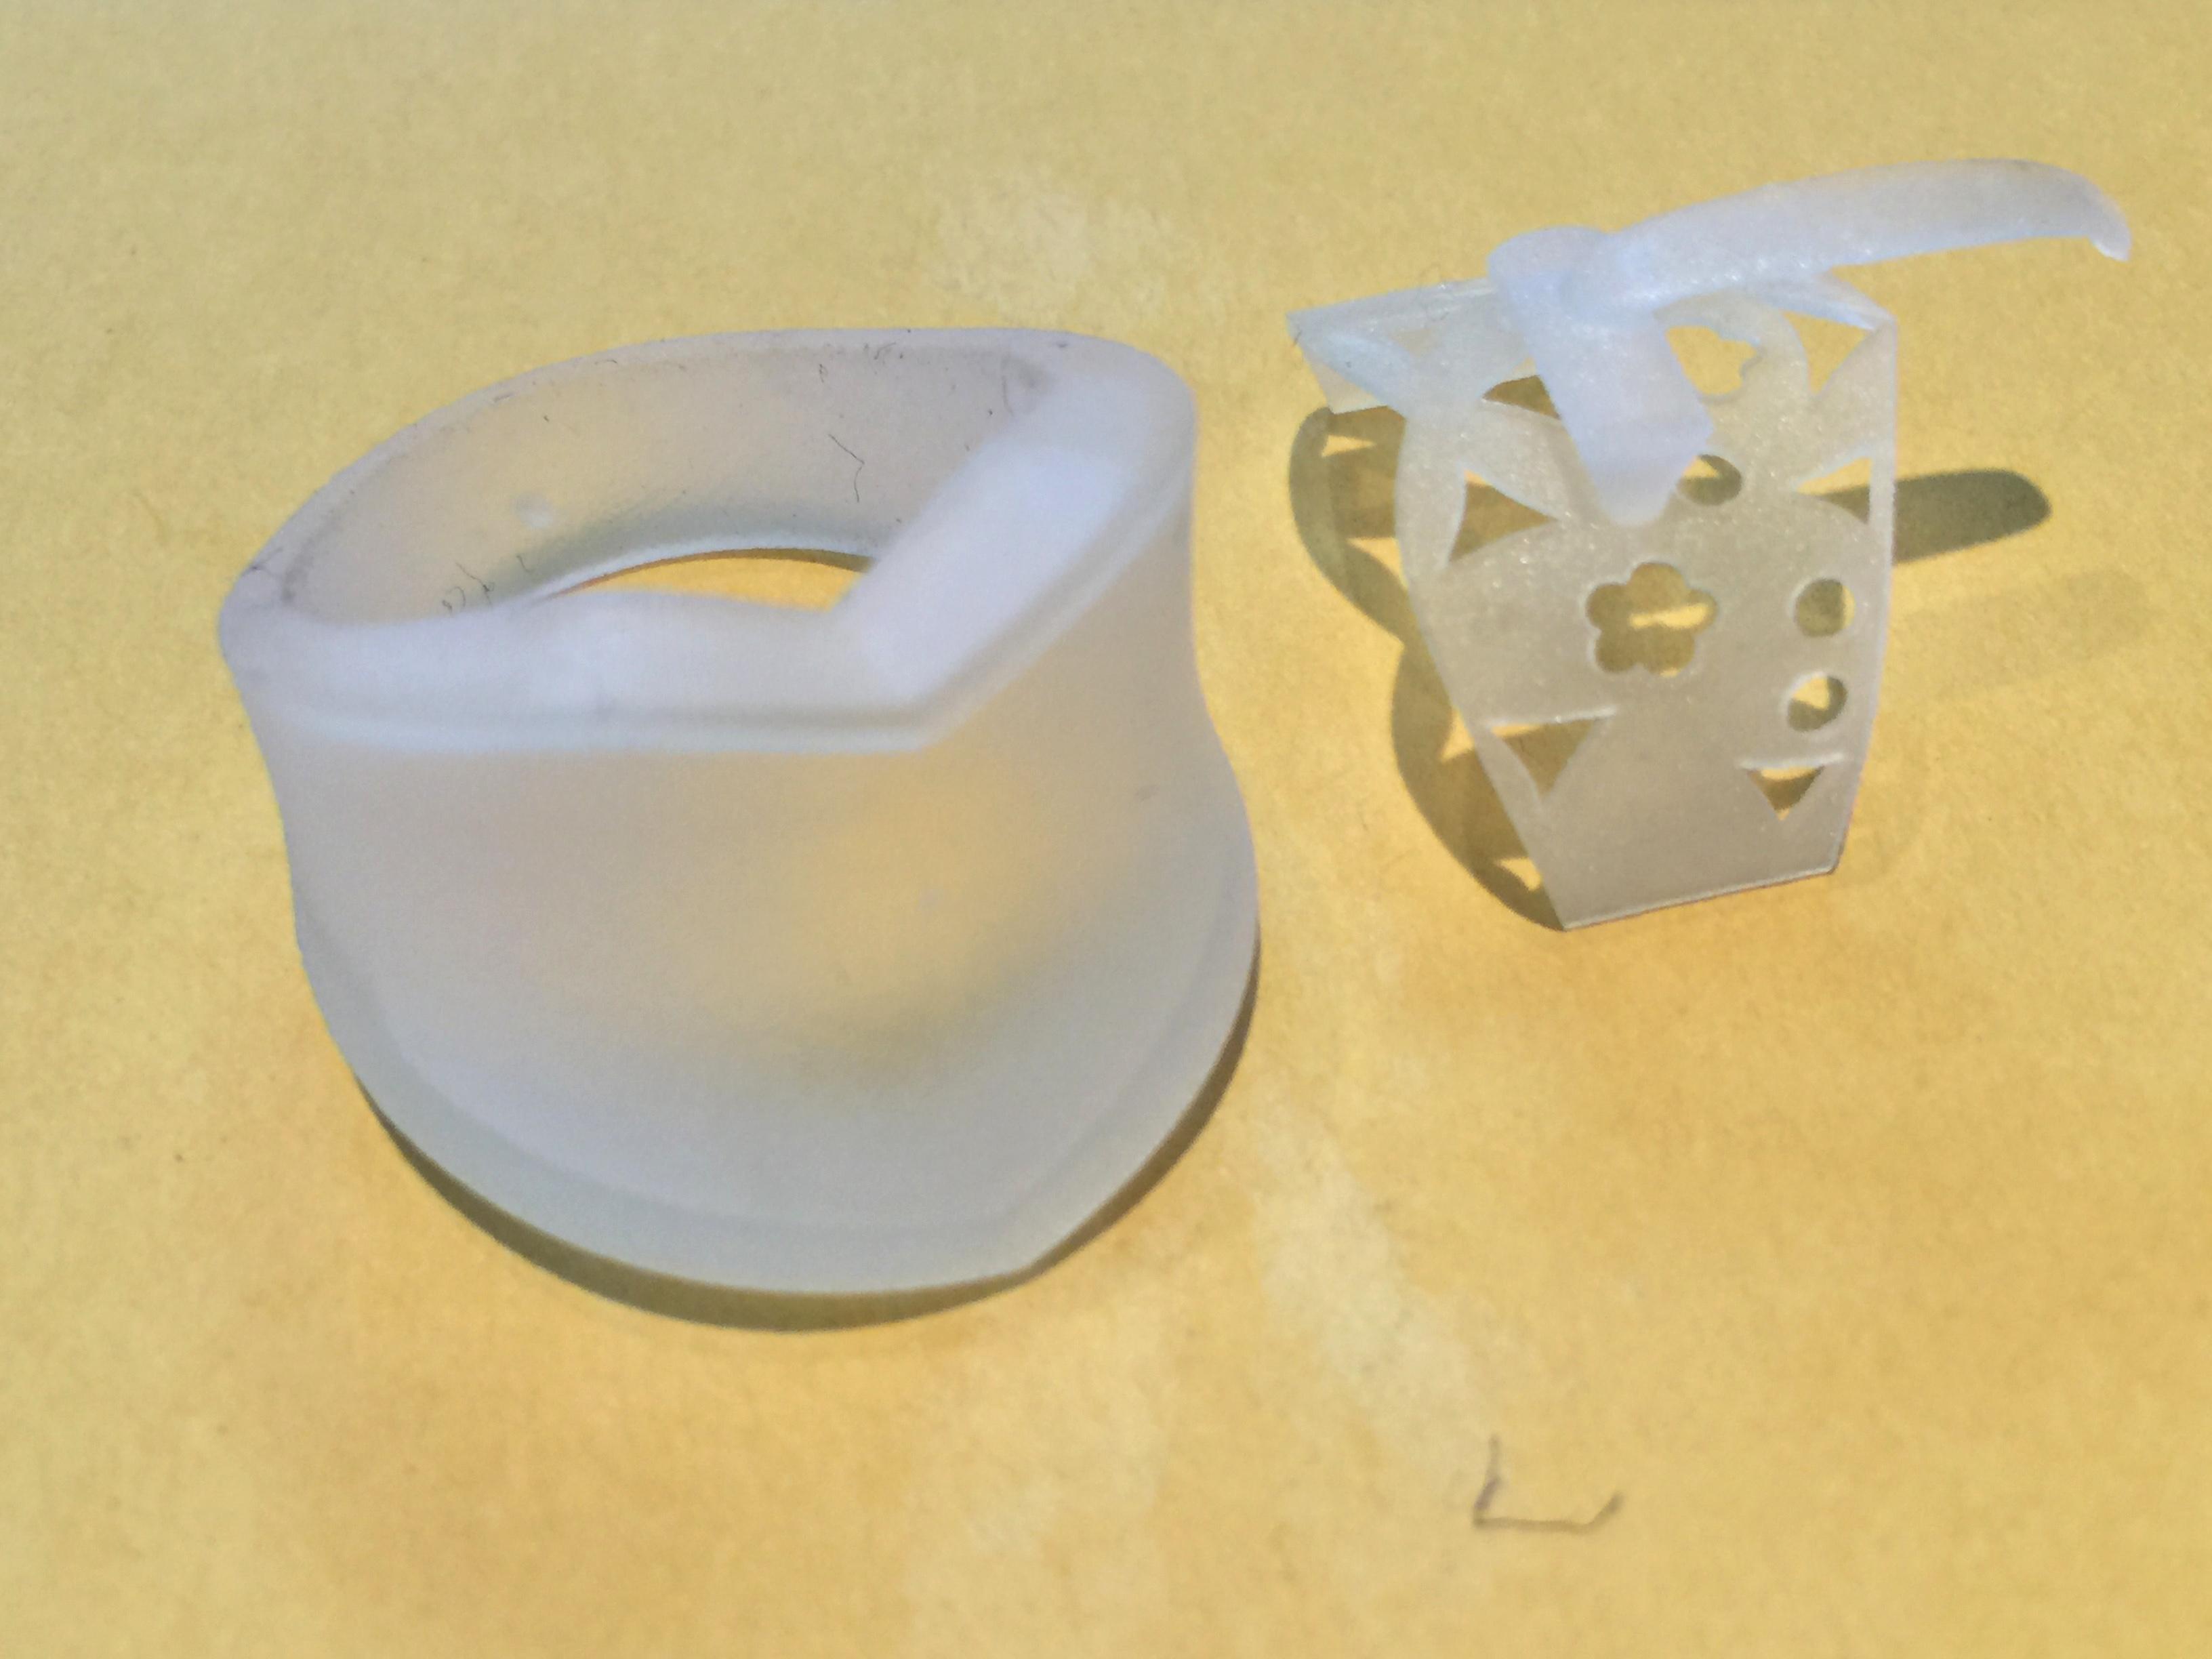 流通しているジュエリーも結構な確率で3D-CADでデザインされているんですよ。